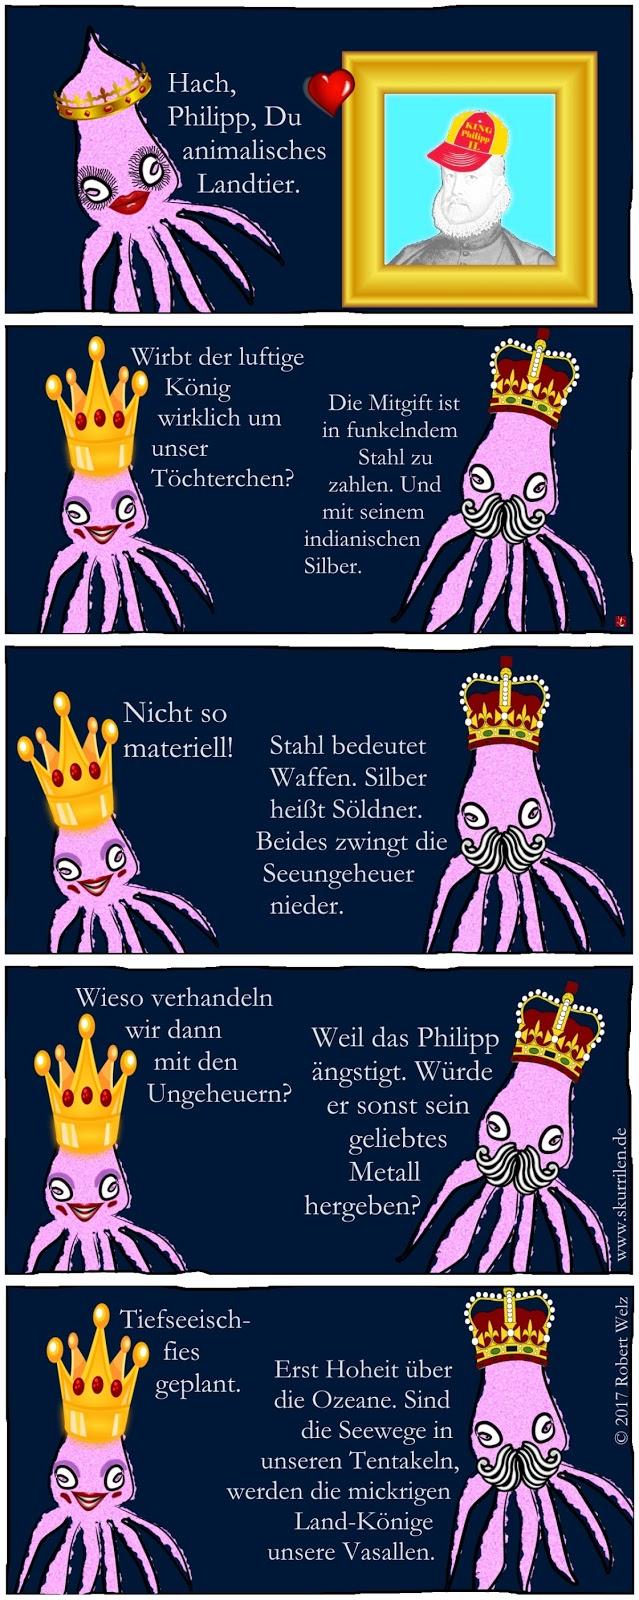 Intrige Machtspiel Ränke List Täuschung Comic Geschichte Herrschaft König Philipp II. Riesenkalmare Prinzessin Tiefsee